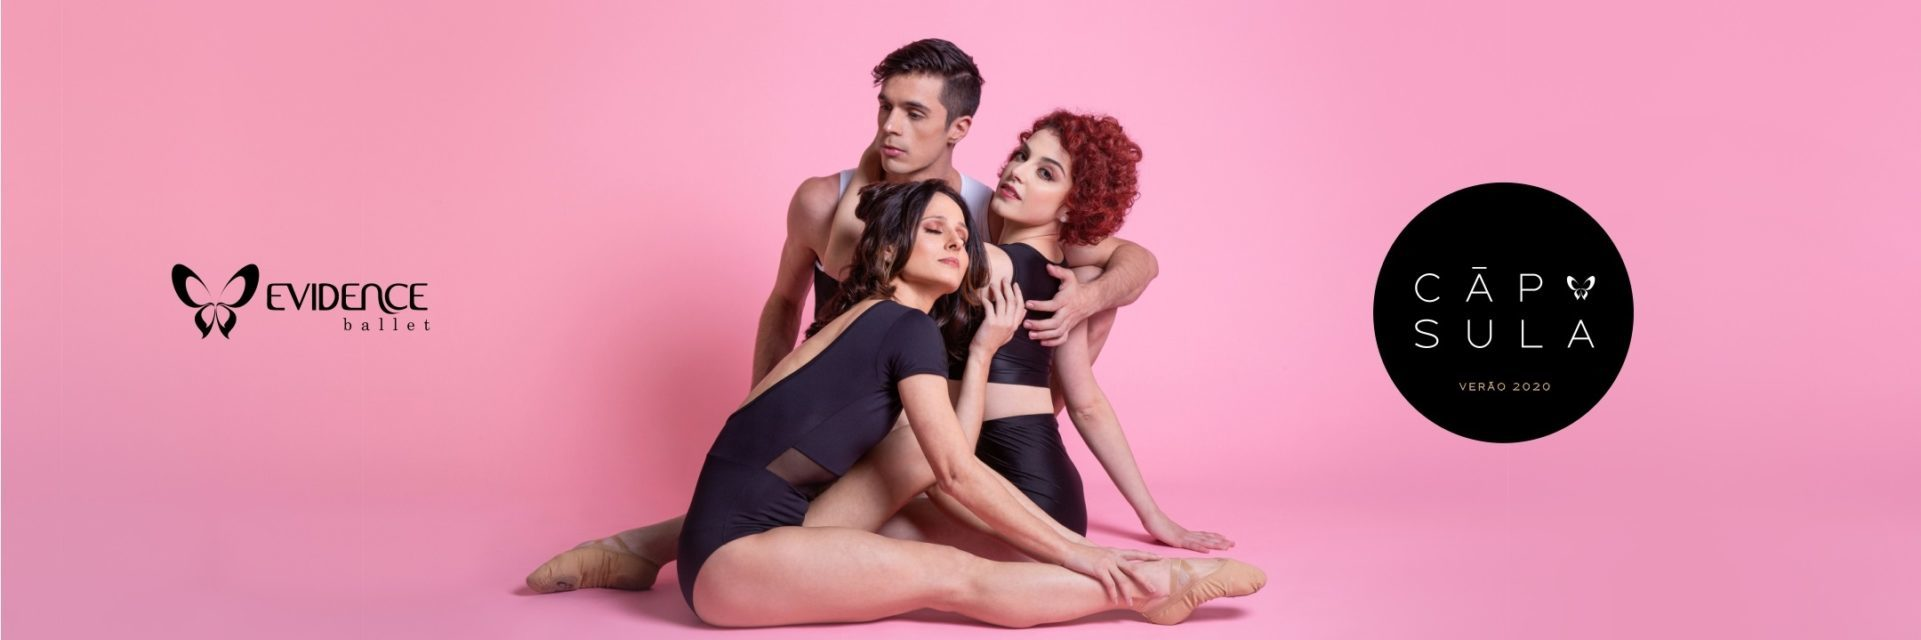 Paixão pela Dança – Blog da Evidence Ballet